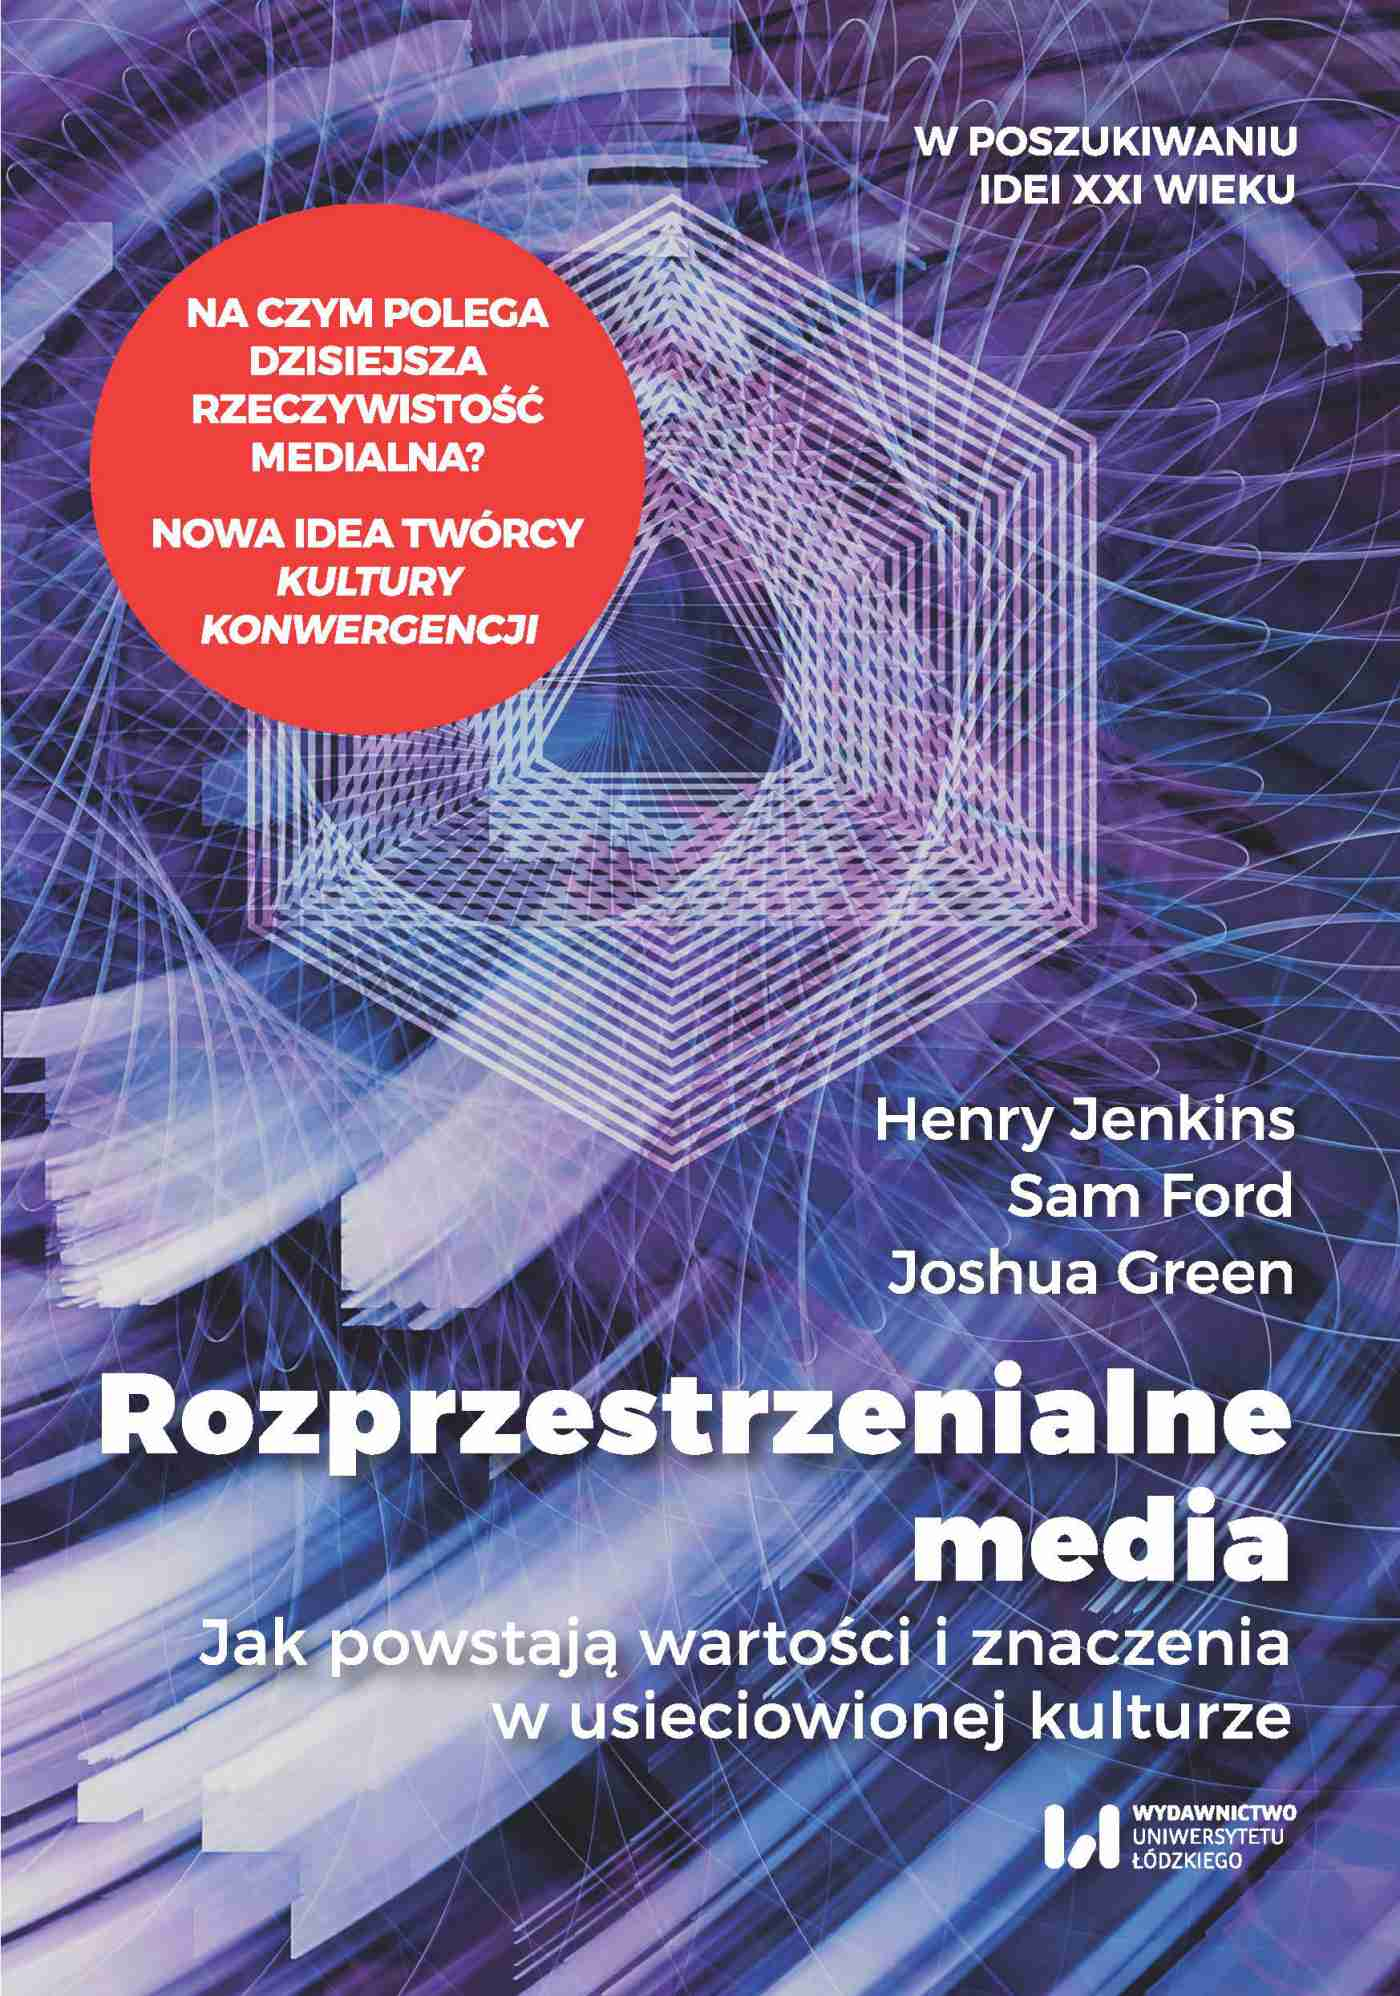 Rozprzestrzenialne media. Jak powstają wartości i znaczenia w usieciowionej kulturze - Ebook (Książka EPUB) do pobrania w formacie EPUB